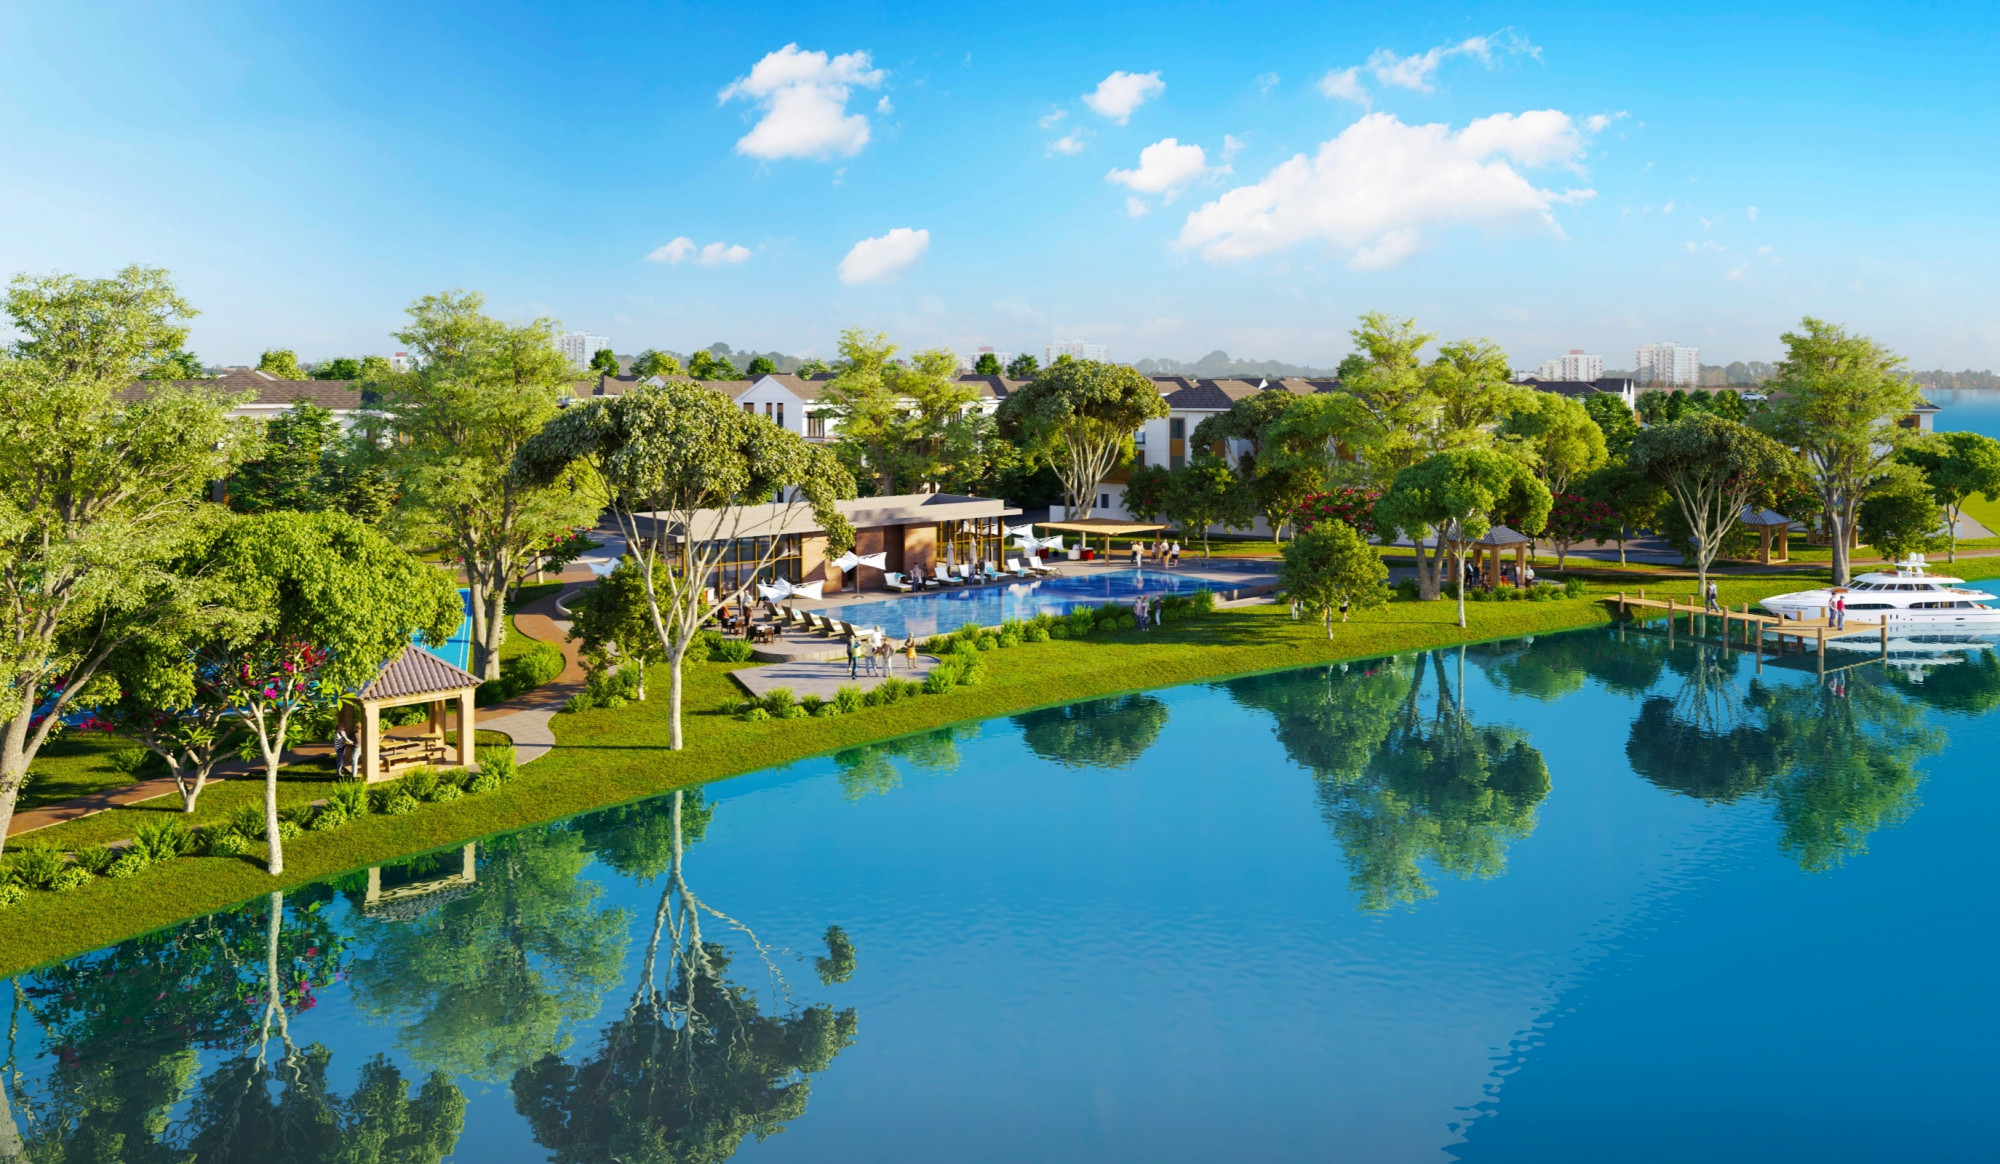 Aqua City dành đến 70%  diện tích cho không gian xanh và tiện ích nội khu đẳng cấp